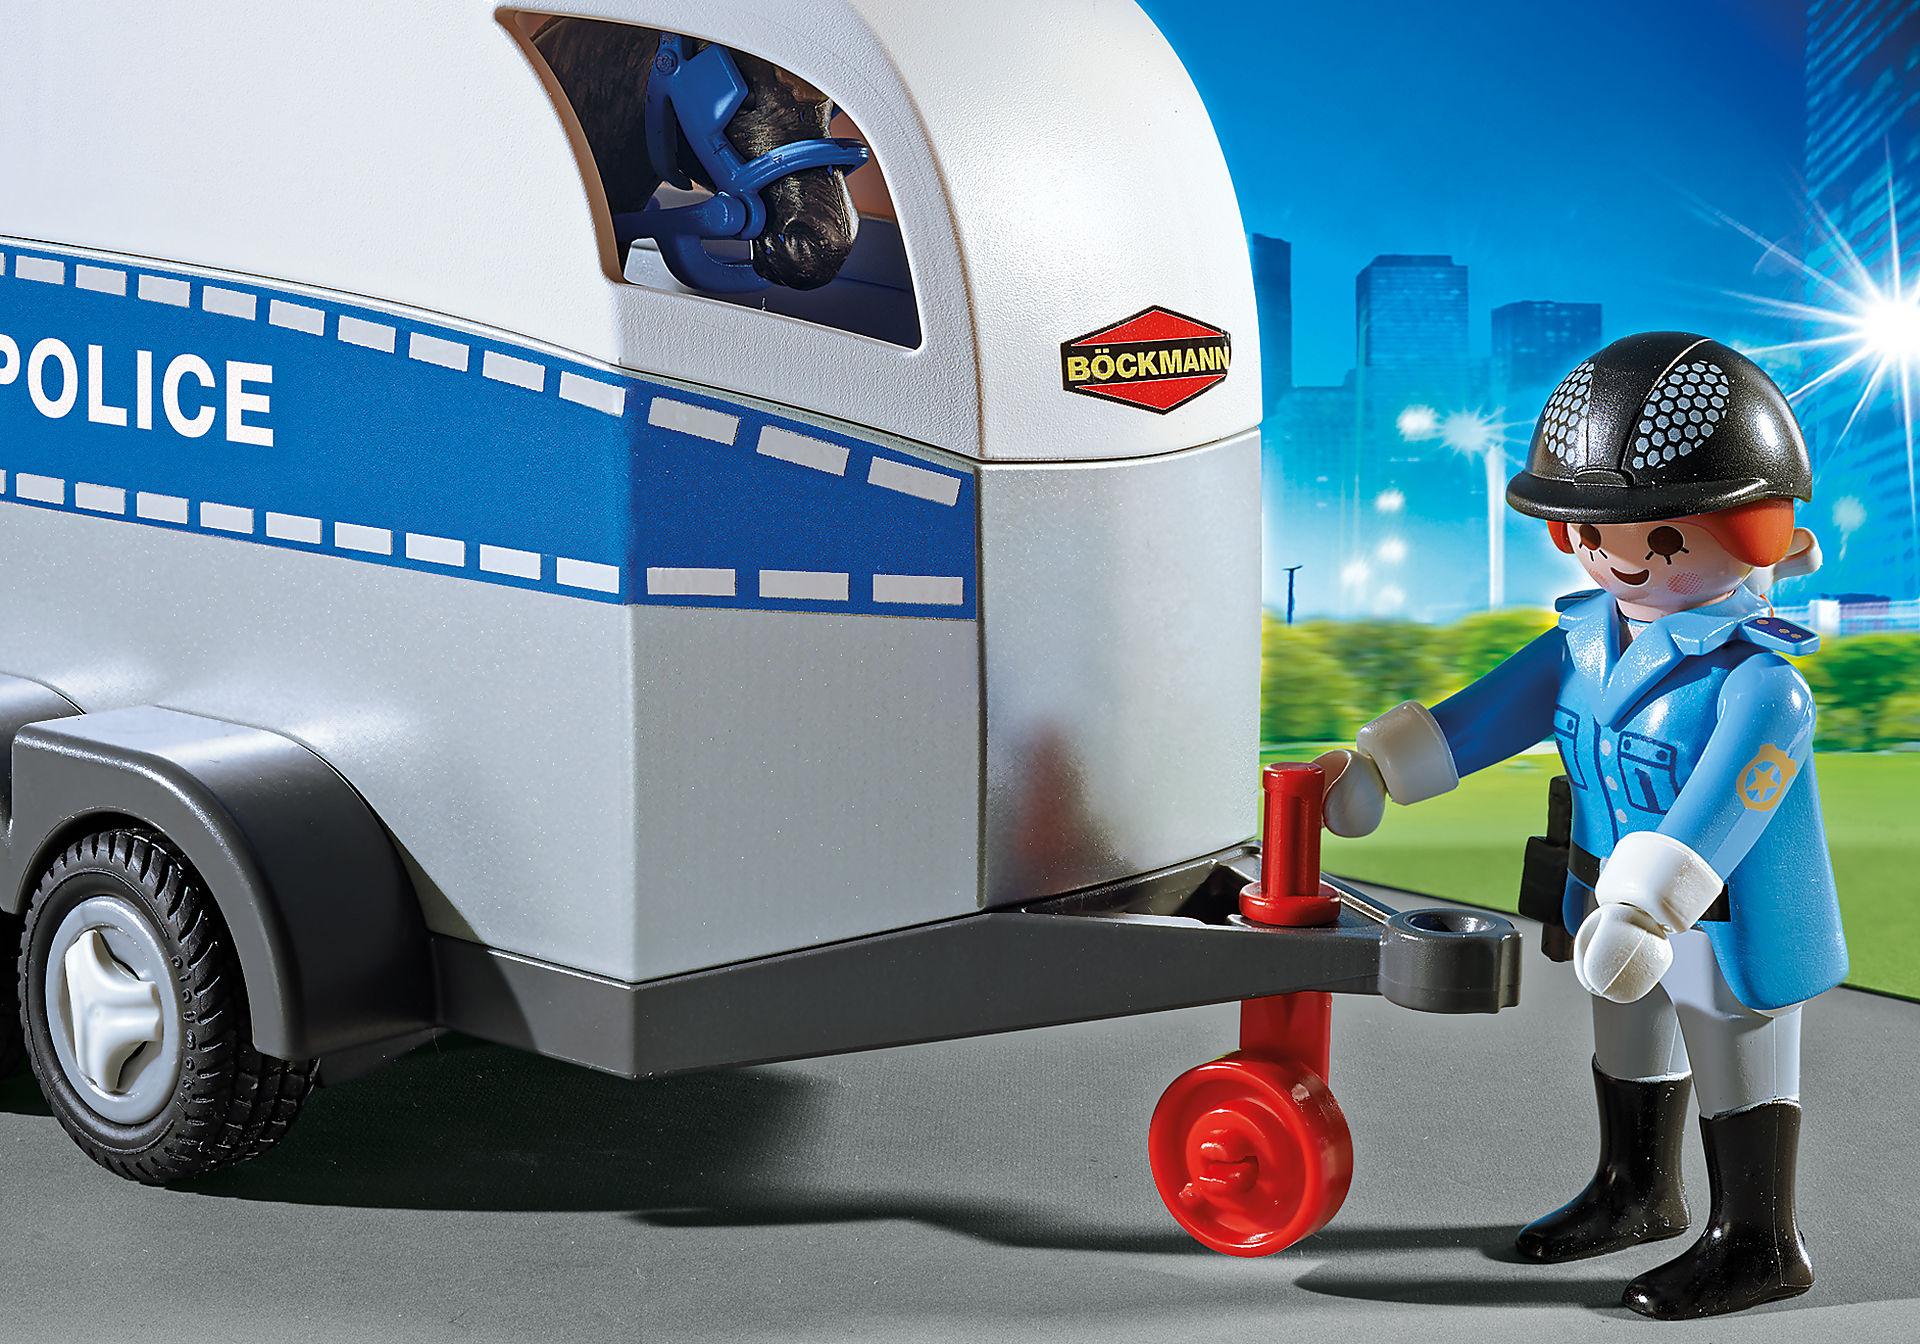 6922 Bereden politie met trailer zoom image4